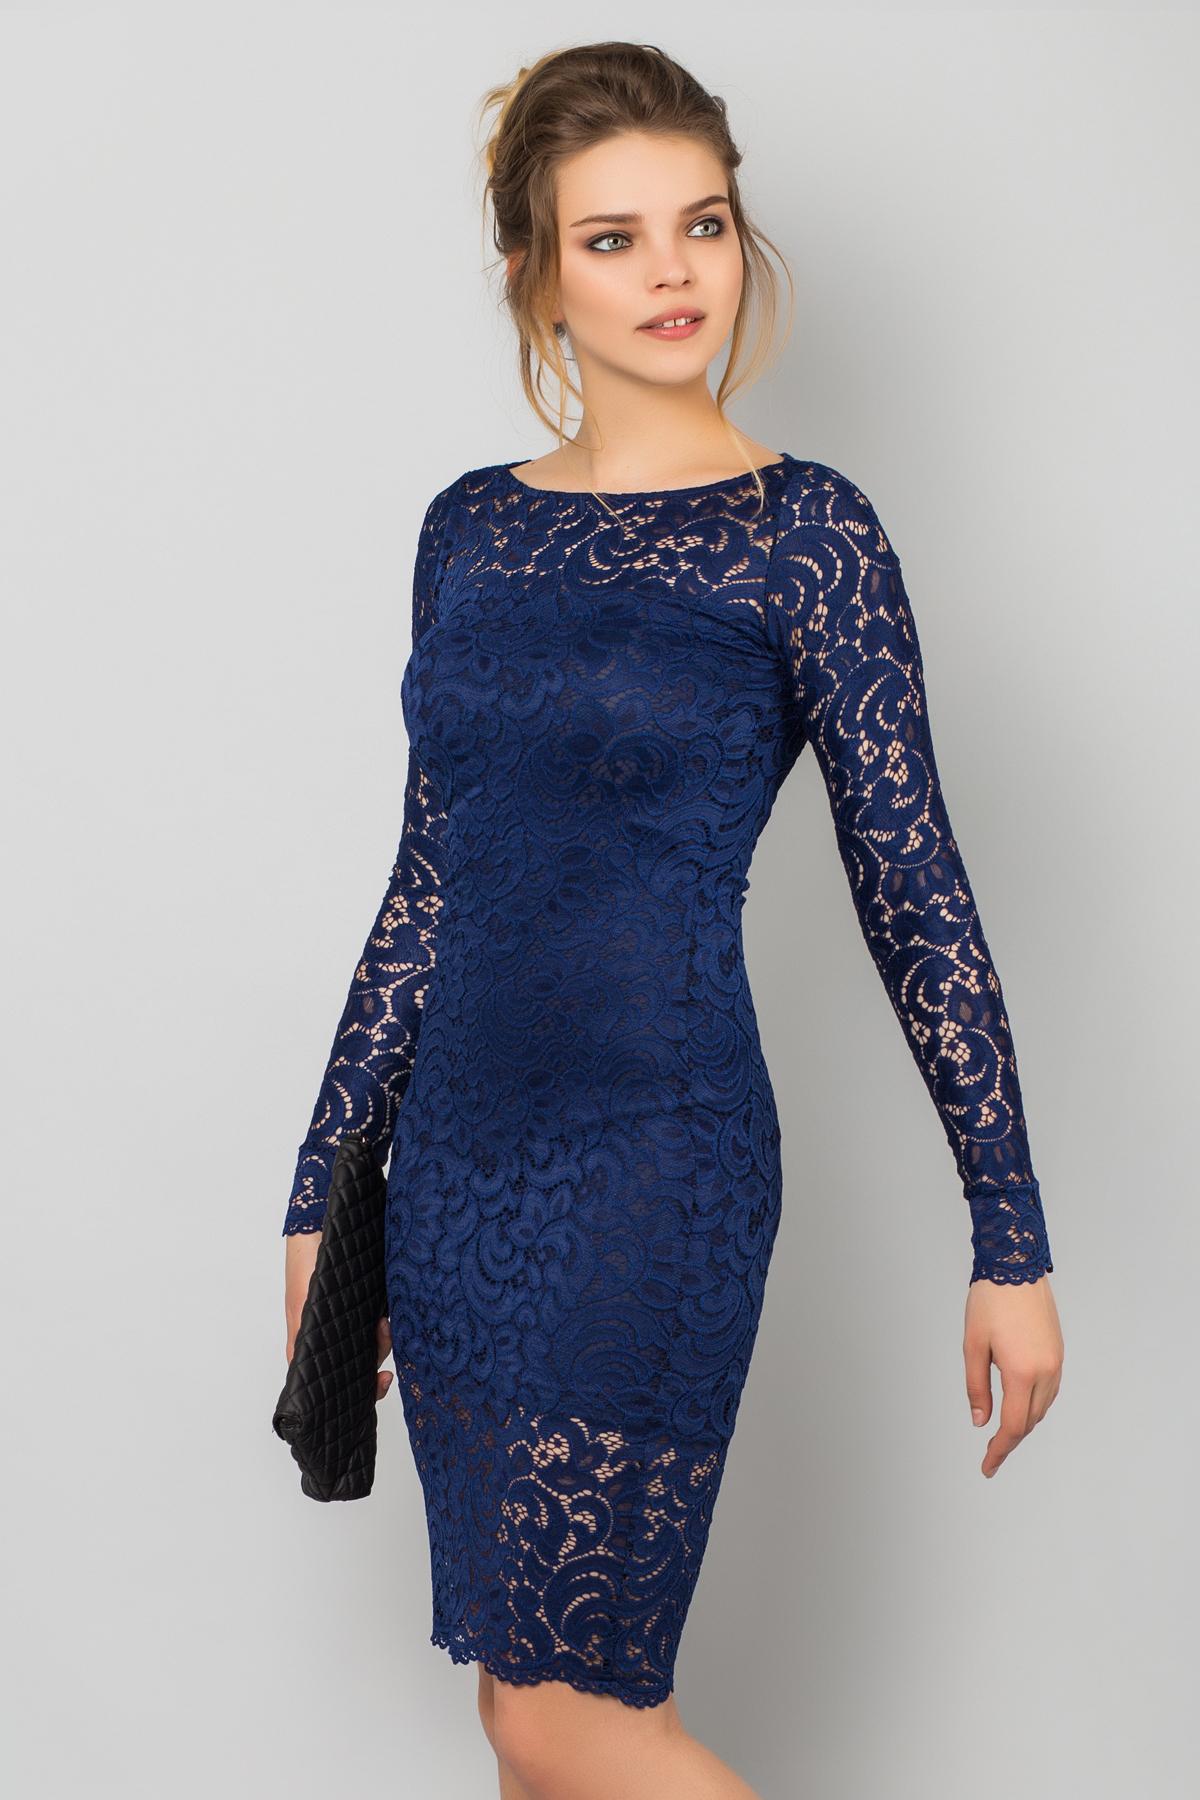 Гипюровое платье с длинным рукавом фото